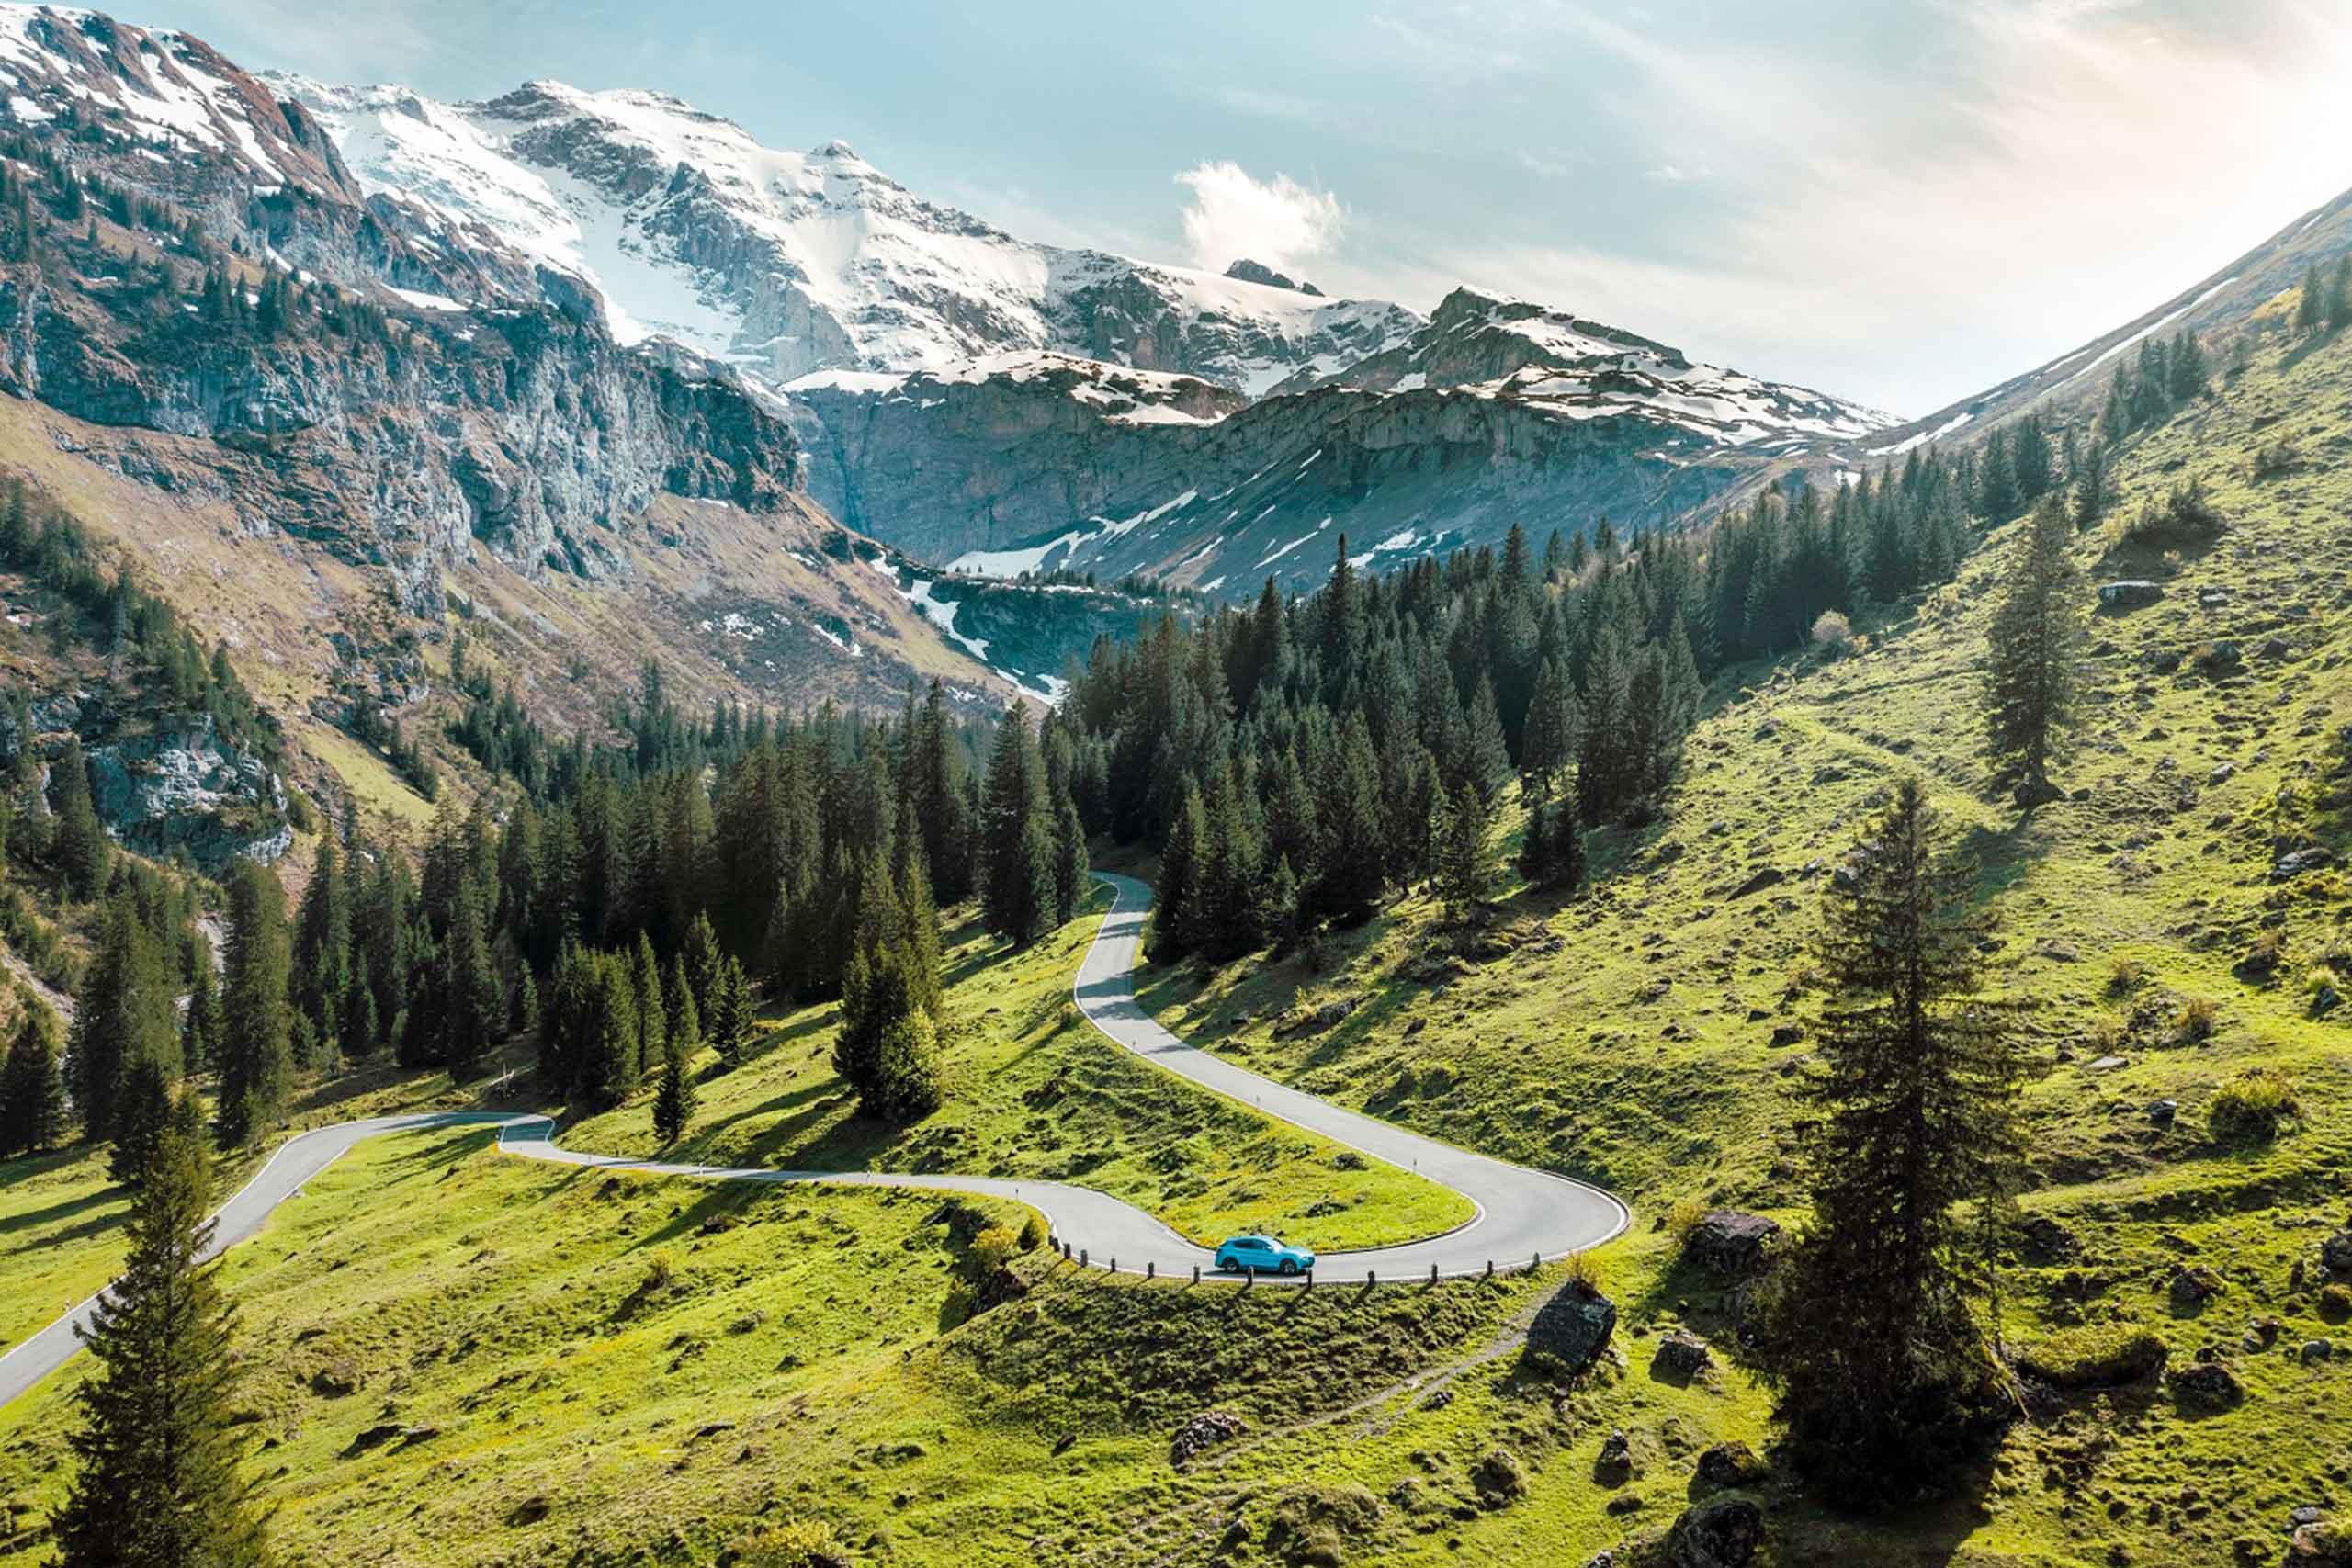 hertz-autovermietung-unterwegs-in-den-bergen.jpg